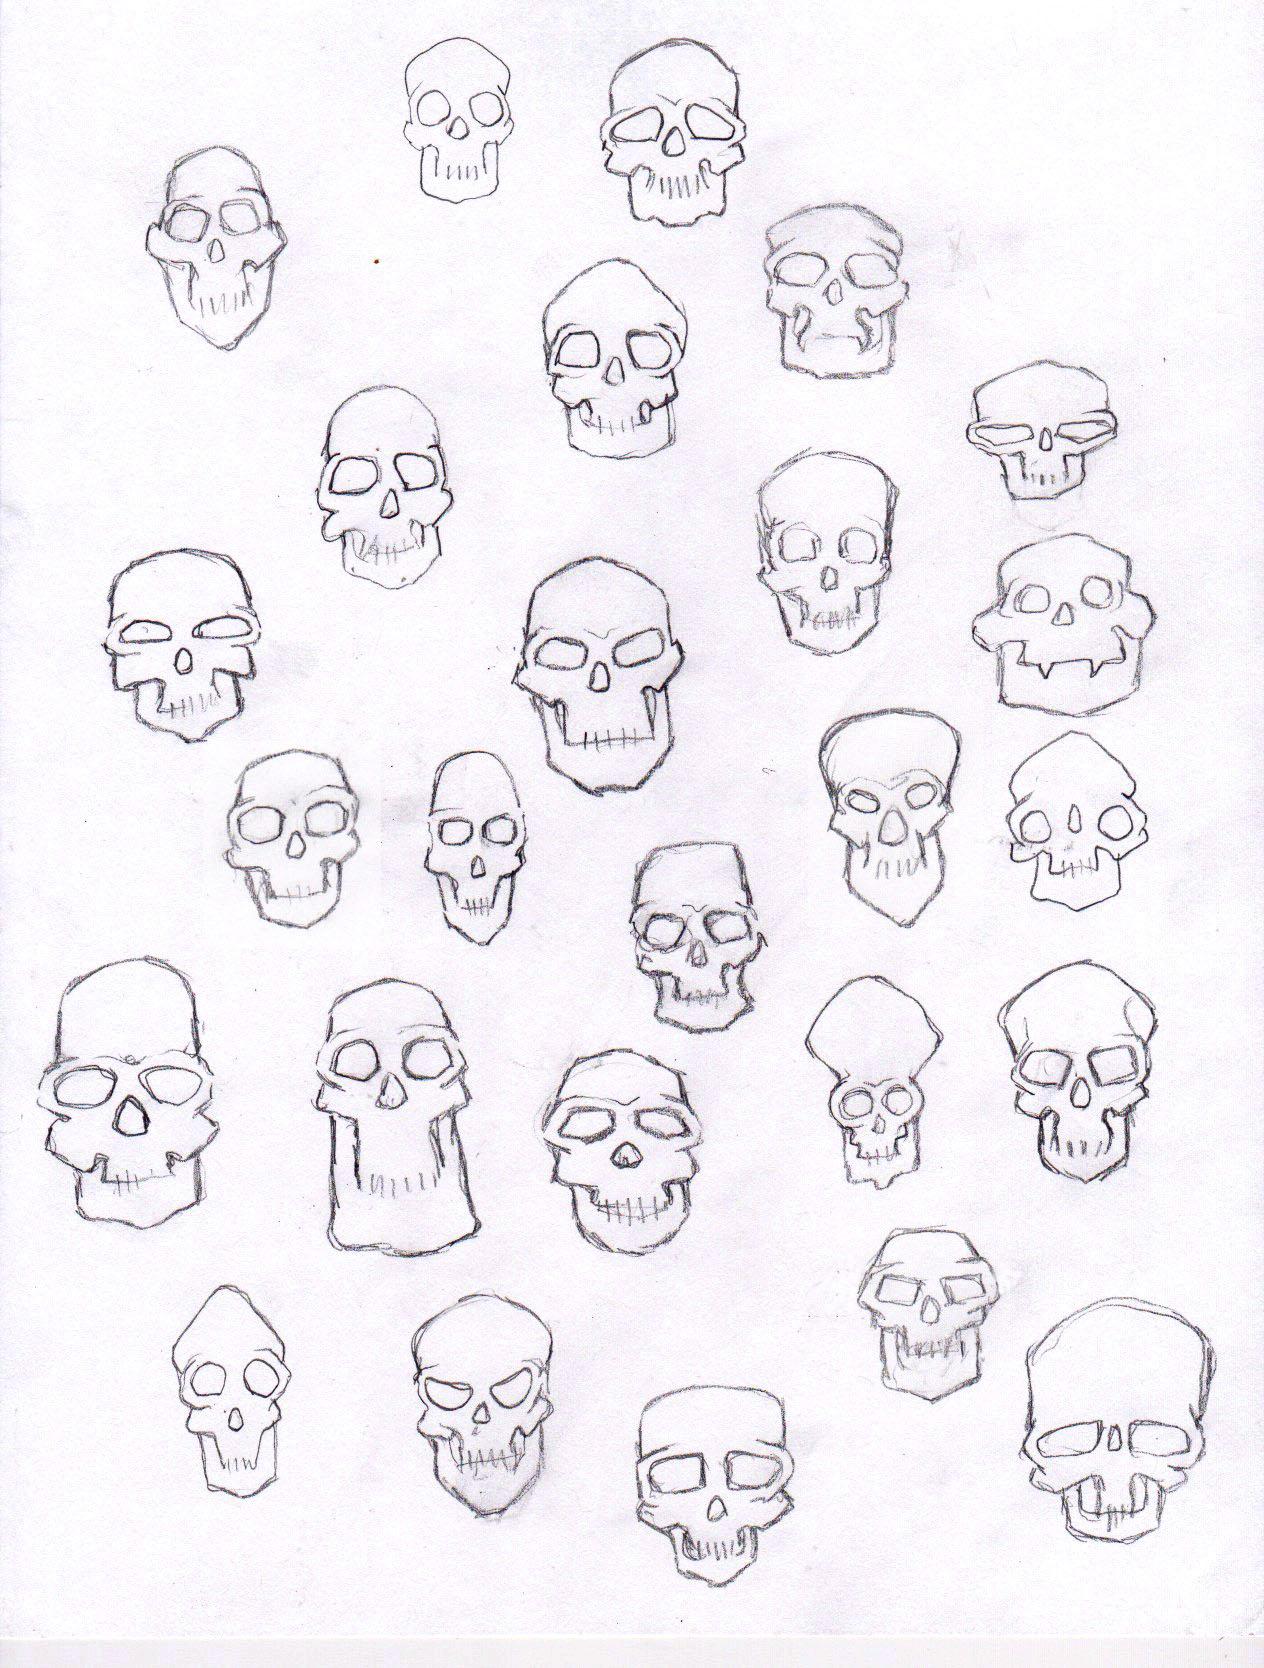 1264x1668 Skulls Doodles, Drawings And Human Drawing